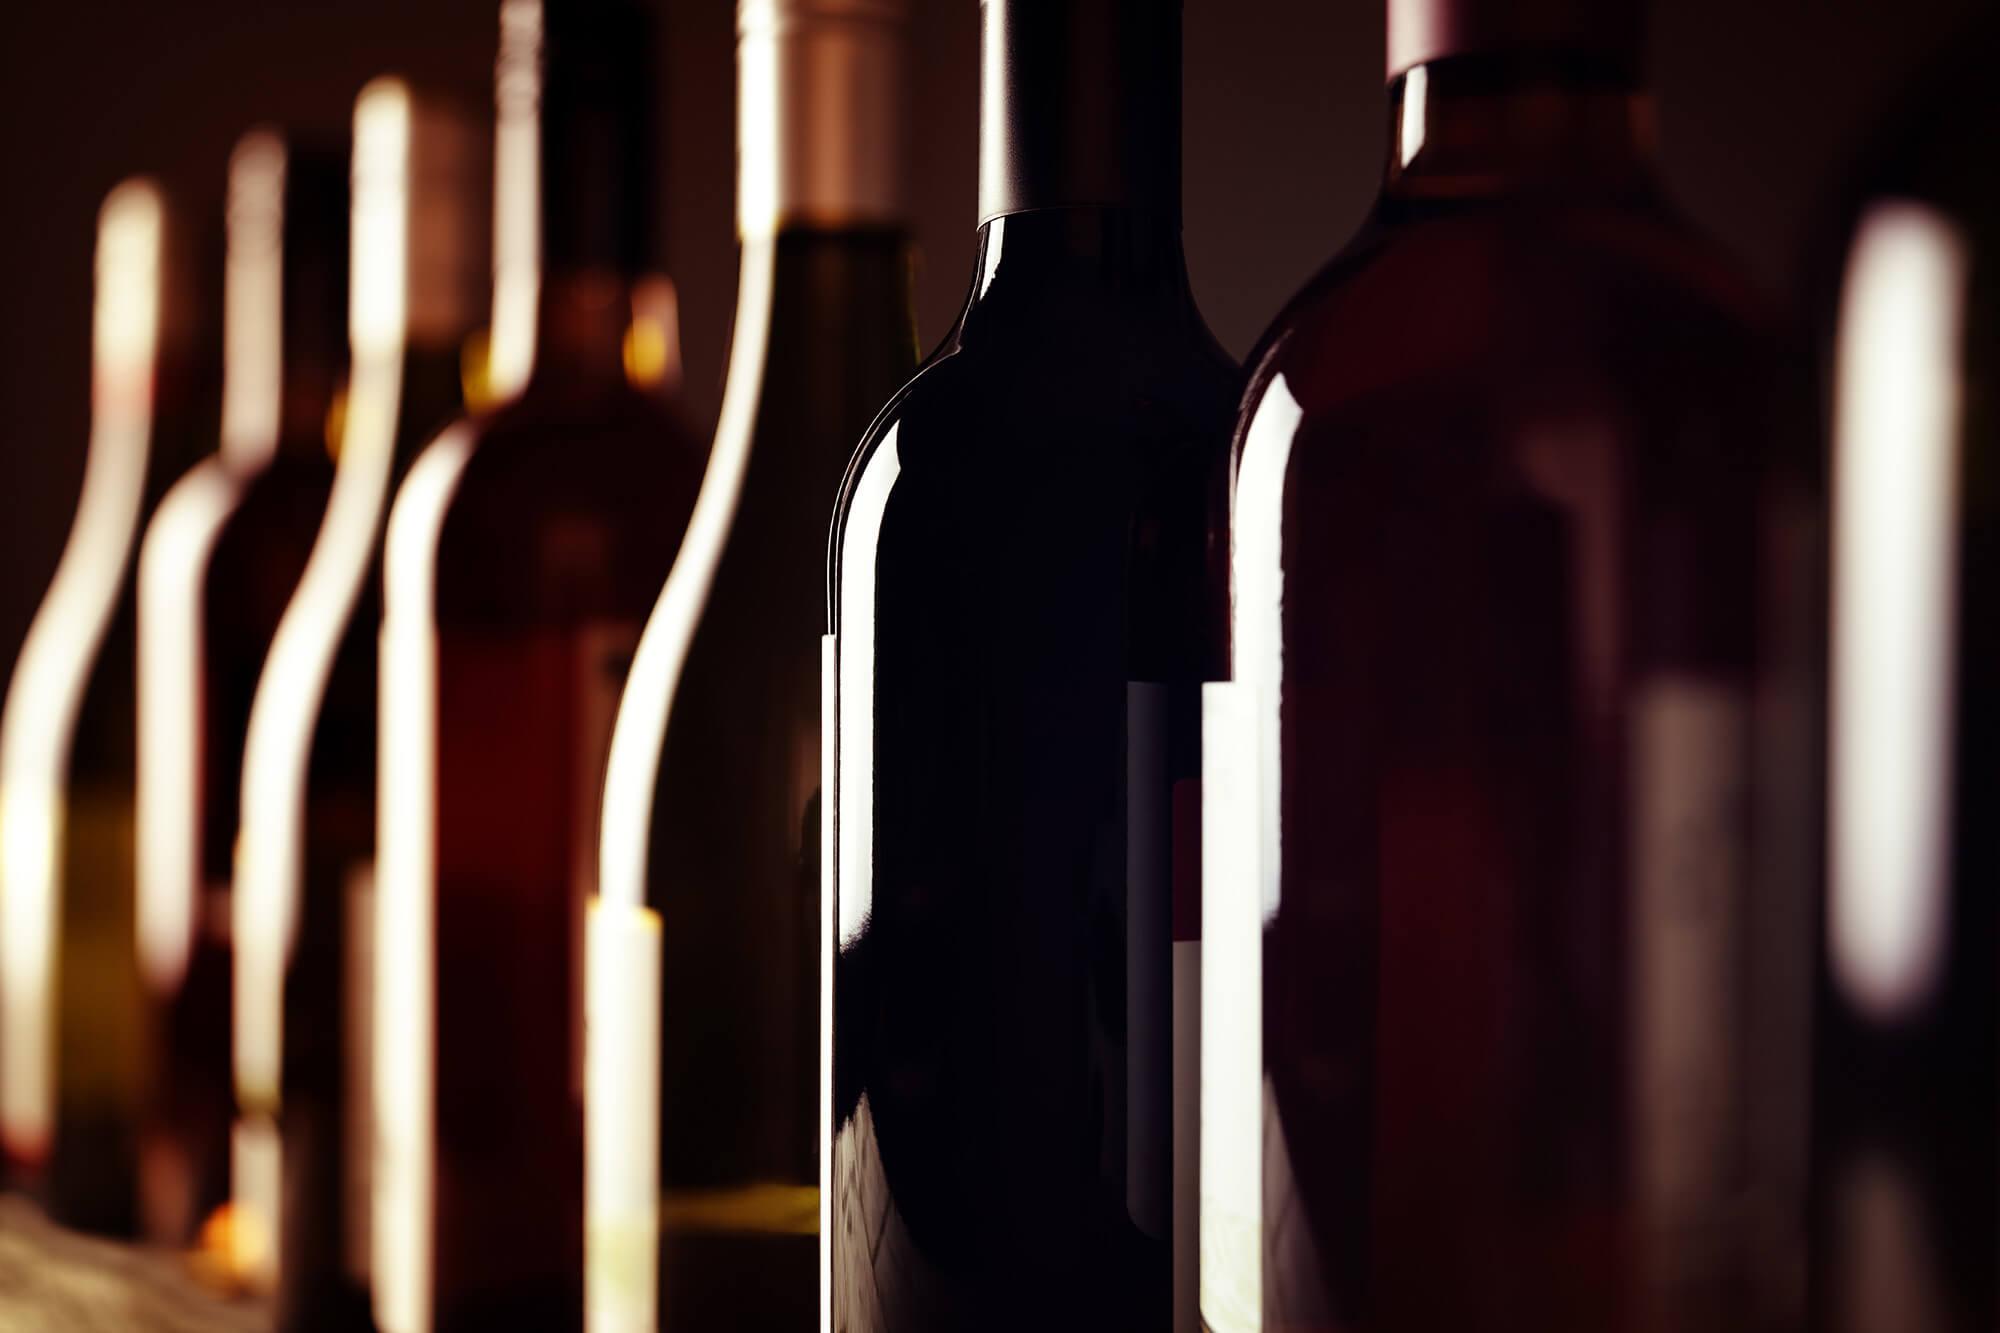 Wine-bottles-658513920_8660x5773.jpg